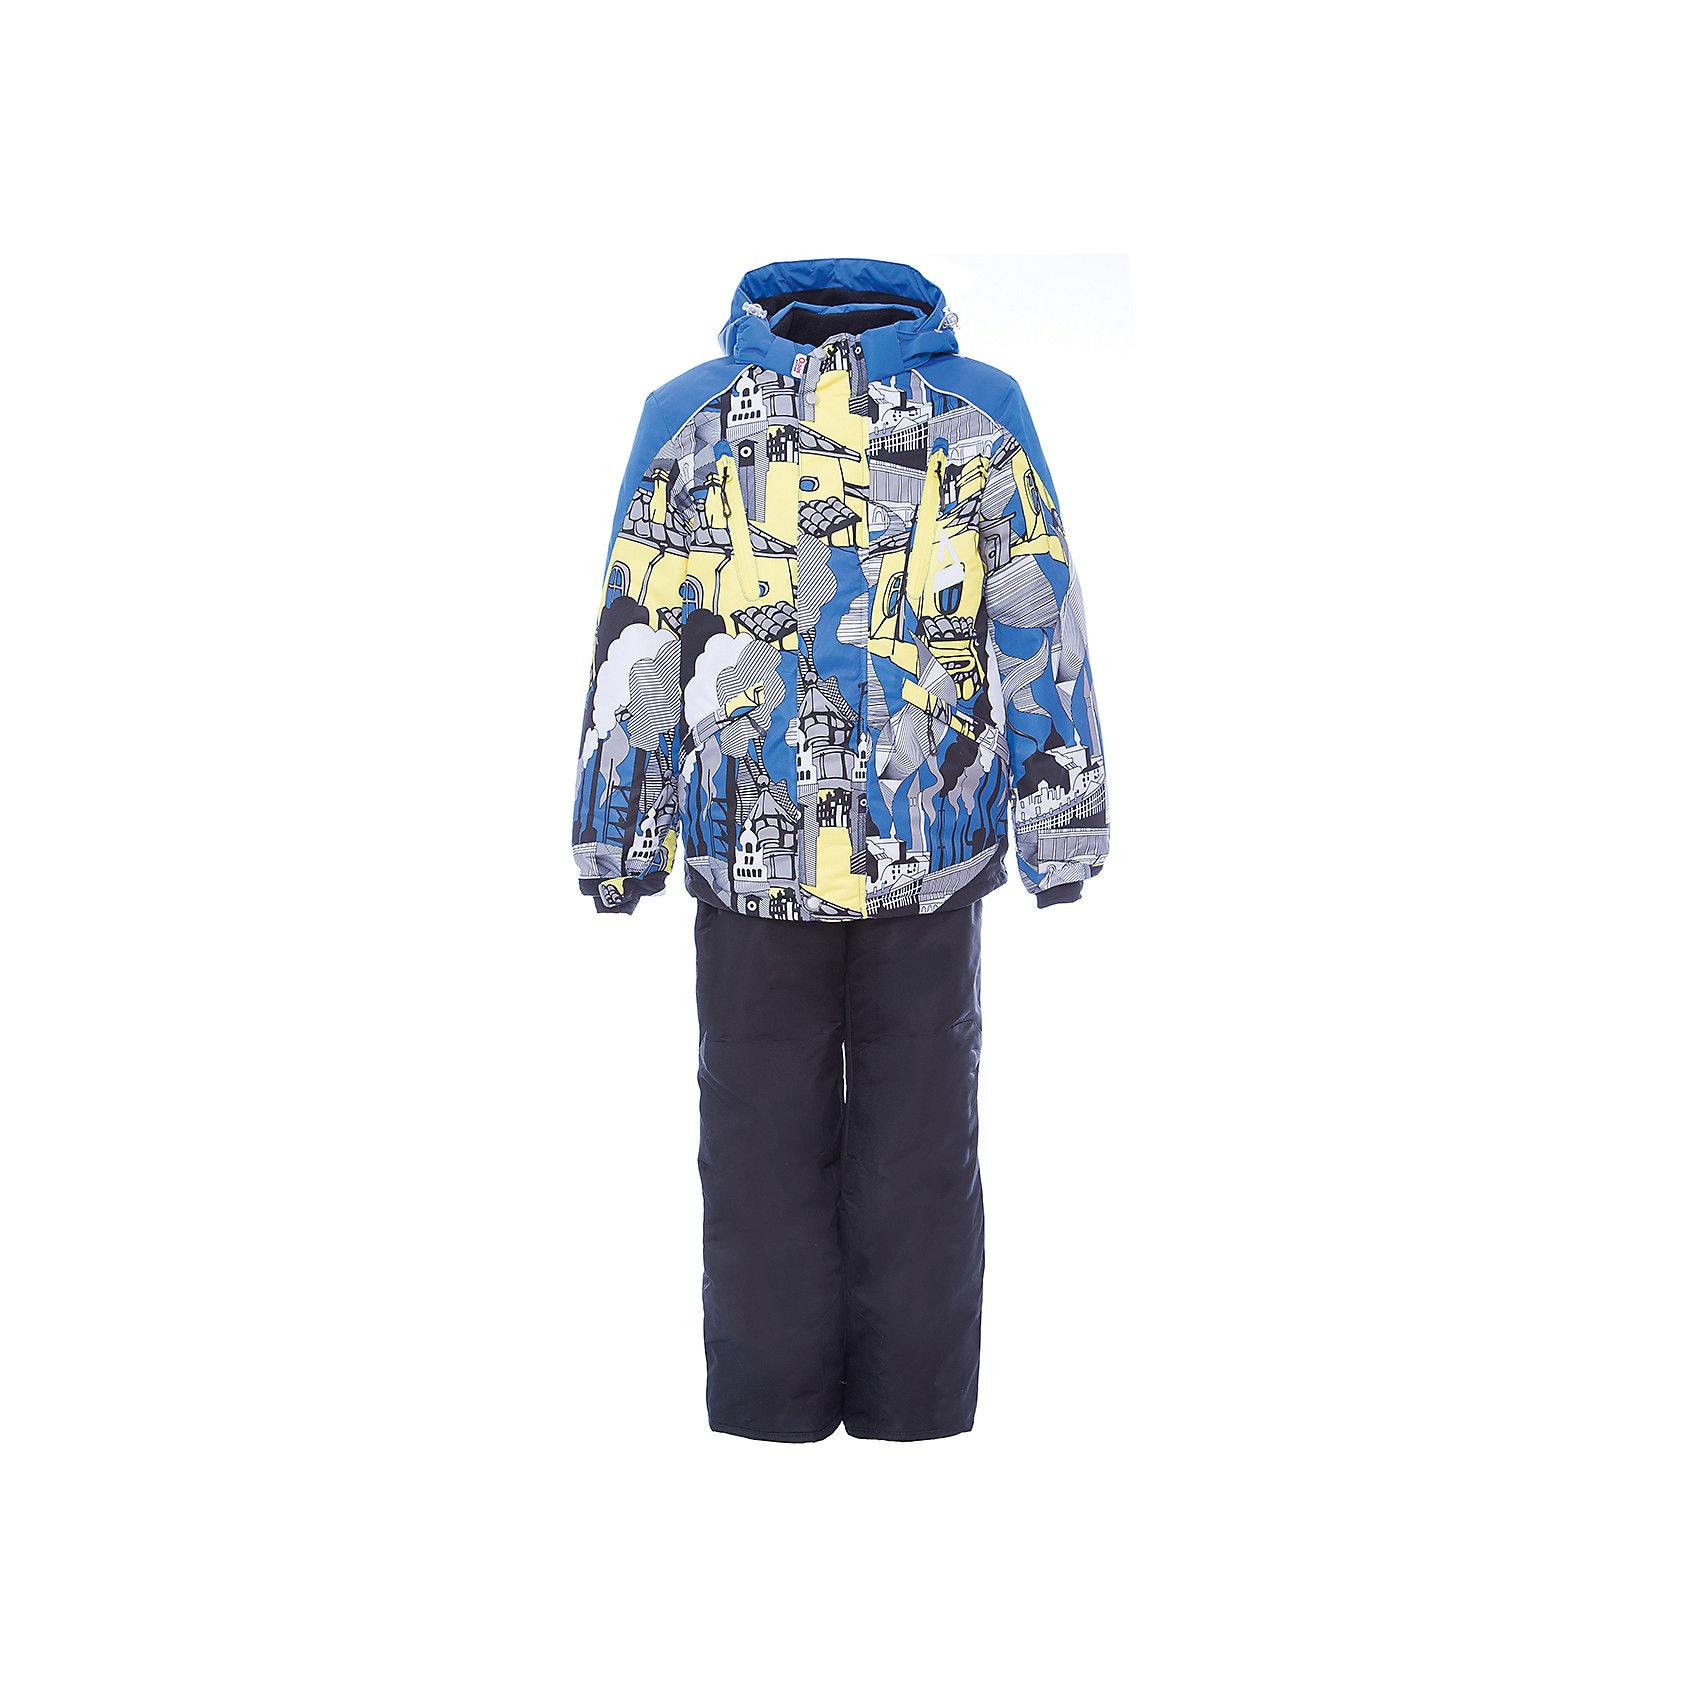 Комплект: куртка и полукомбинезон Даниэль OLDOS для мальчикаВерхняя одежда<br>Характеристики товара:<br><br>• цвет: голубой<br>• комплектация: куртка и полукомбинезон<br>• состав ткани: полиэстер, Teflon<br>• подкладка: флис<br>• утеплитель: Hollofan pro<br>• сезон: зима<br>• мембранное покрытие<br>• температурный режим: от -30 до +5<br>• водонепроницаемость: 5000 мм <br>• паропроницаемость: 5000 г/м2<br>• плотность утеплителя: куртка - 200 г/м2, полукомбинезон - 150 г/м2<br>• застежка: молния<br>• капюшон: без меха, съемный<br>• полукомбинезон усилен износостойкими вставками<br>• страна бренда: Россия<br>• страна изготовитель: Россия<br><br>Яркий мембранный комплект для мальчика дополнен удобными элементами: съемный капюшон с регулировкой объема, воротник-стойка, ветрозащитные планки, снего-ветрозащитная юбка Прочное мембранное покрытие такого детского комплекта - это защита от воды и грязи, износостойкость, за ним легко ухаживать. Теплый зимний комплект от бренда Oldos разработан специально для детей.<br><br>Комплект: куртка и полукомбинезон Даниэль Oldos (Олдос) для мальчика можно купить в нашем интернет-магазине.<br><br>Ширина мм: 356<br>Глубина мм: 10<br>Высота мм: 245<br>Вес г: 519<br>Цвет: голубой<br>Возраст от месяцев: 24<br>Возраст до месяцев: 36<br>Пол: Мужской<br>Возраст: Детский<br>Размер: 98,104,110,116,122,128,134,140,92<br>SKU: 7016083